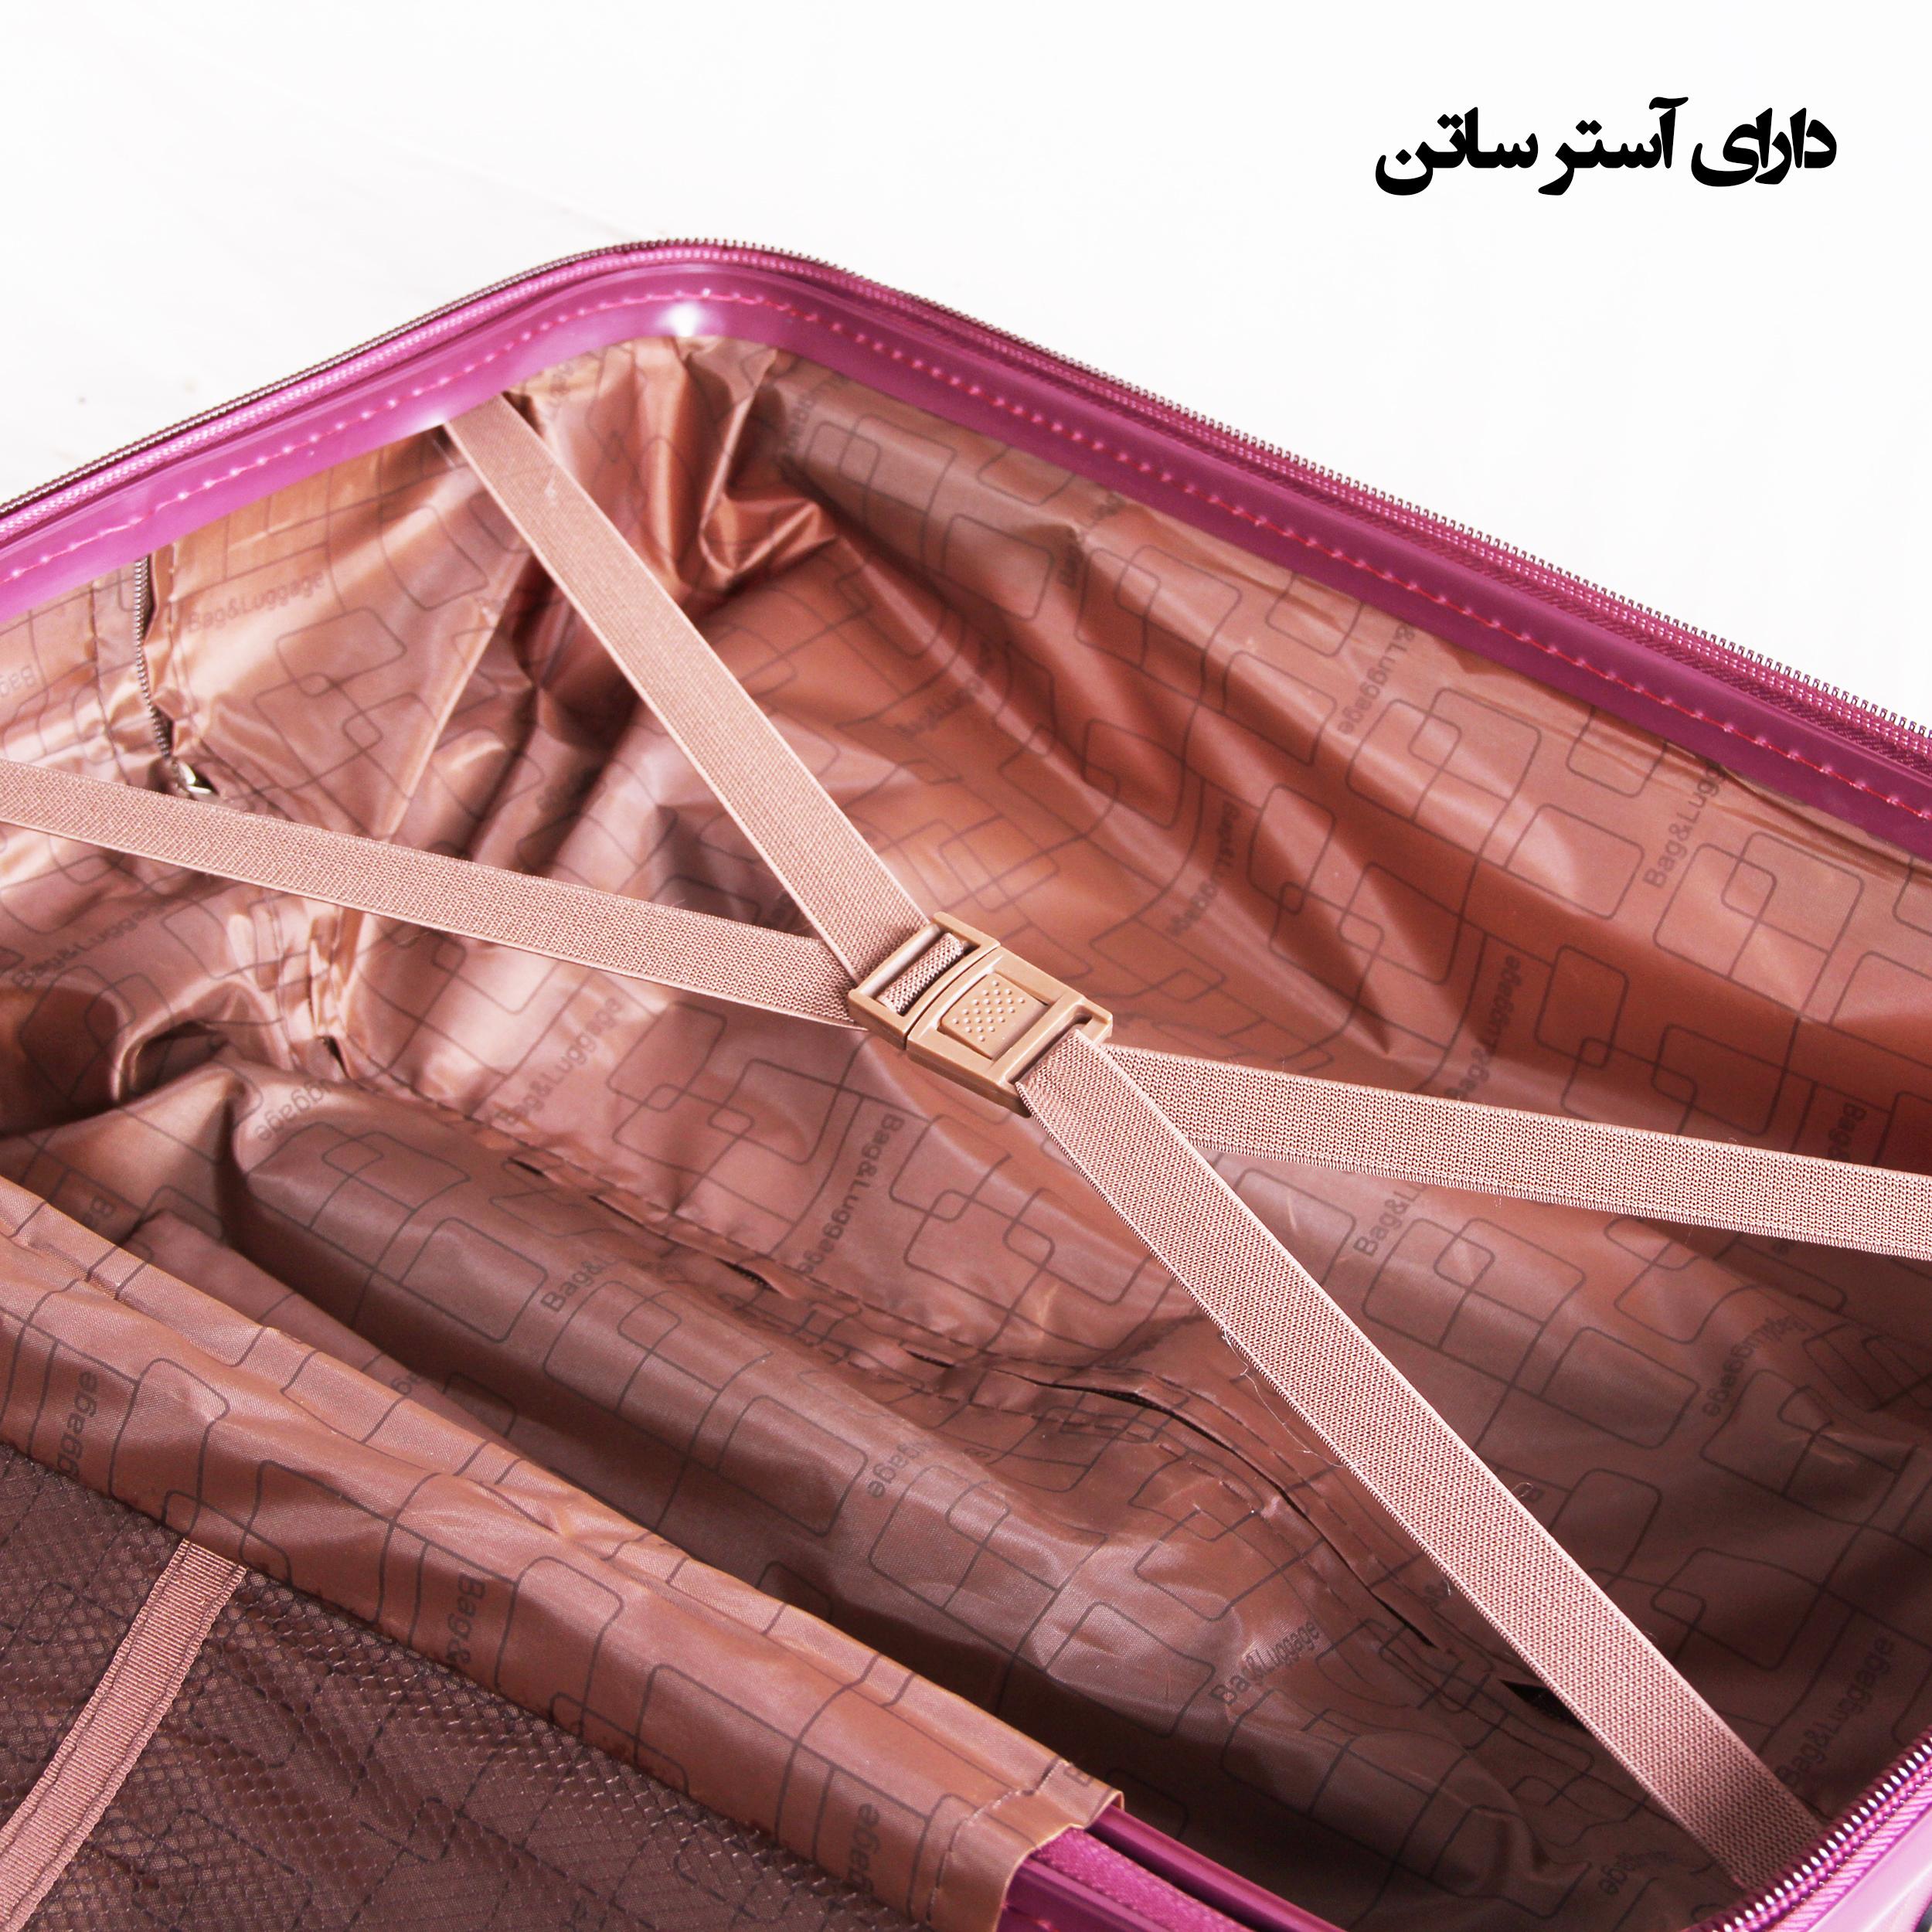 مجموعه چهار عددی چمدان مدل 319363 main 1 24